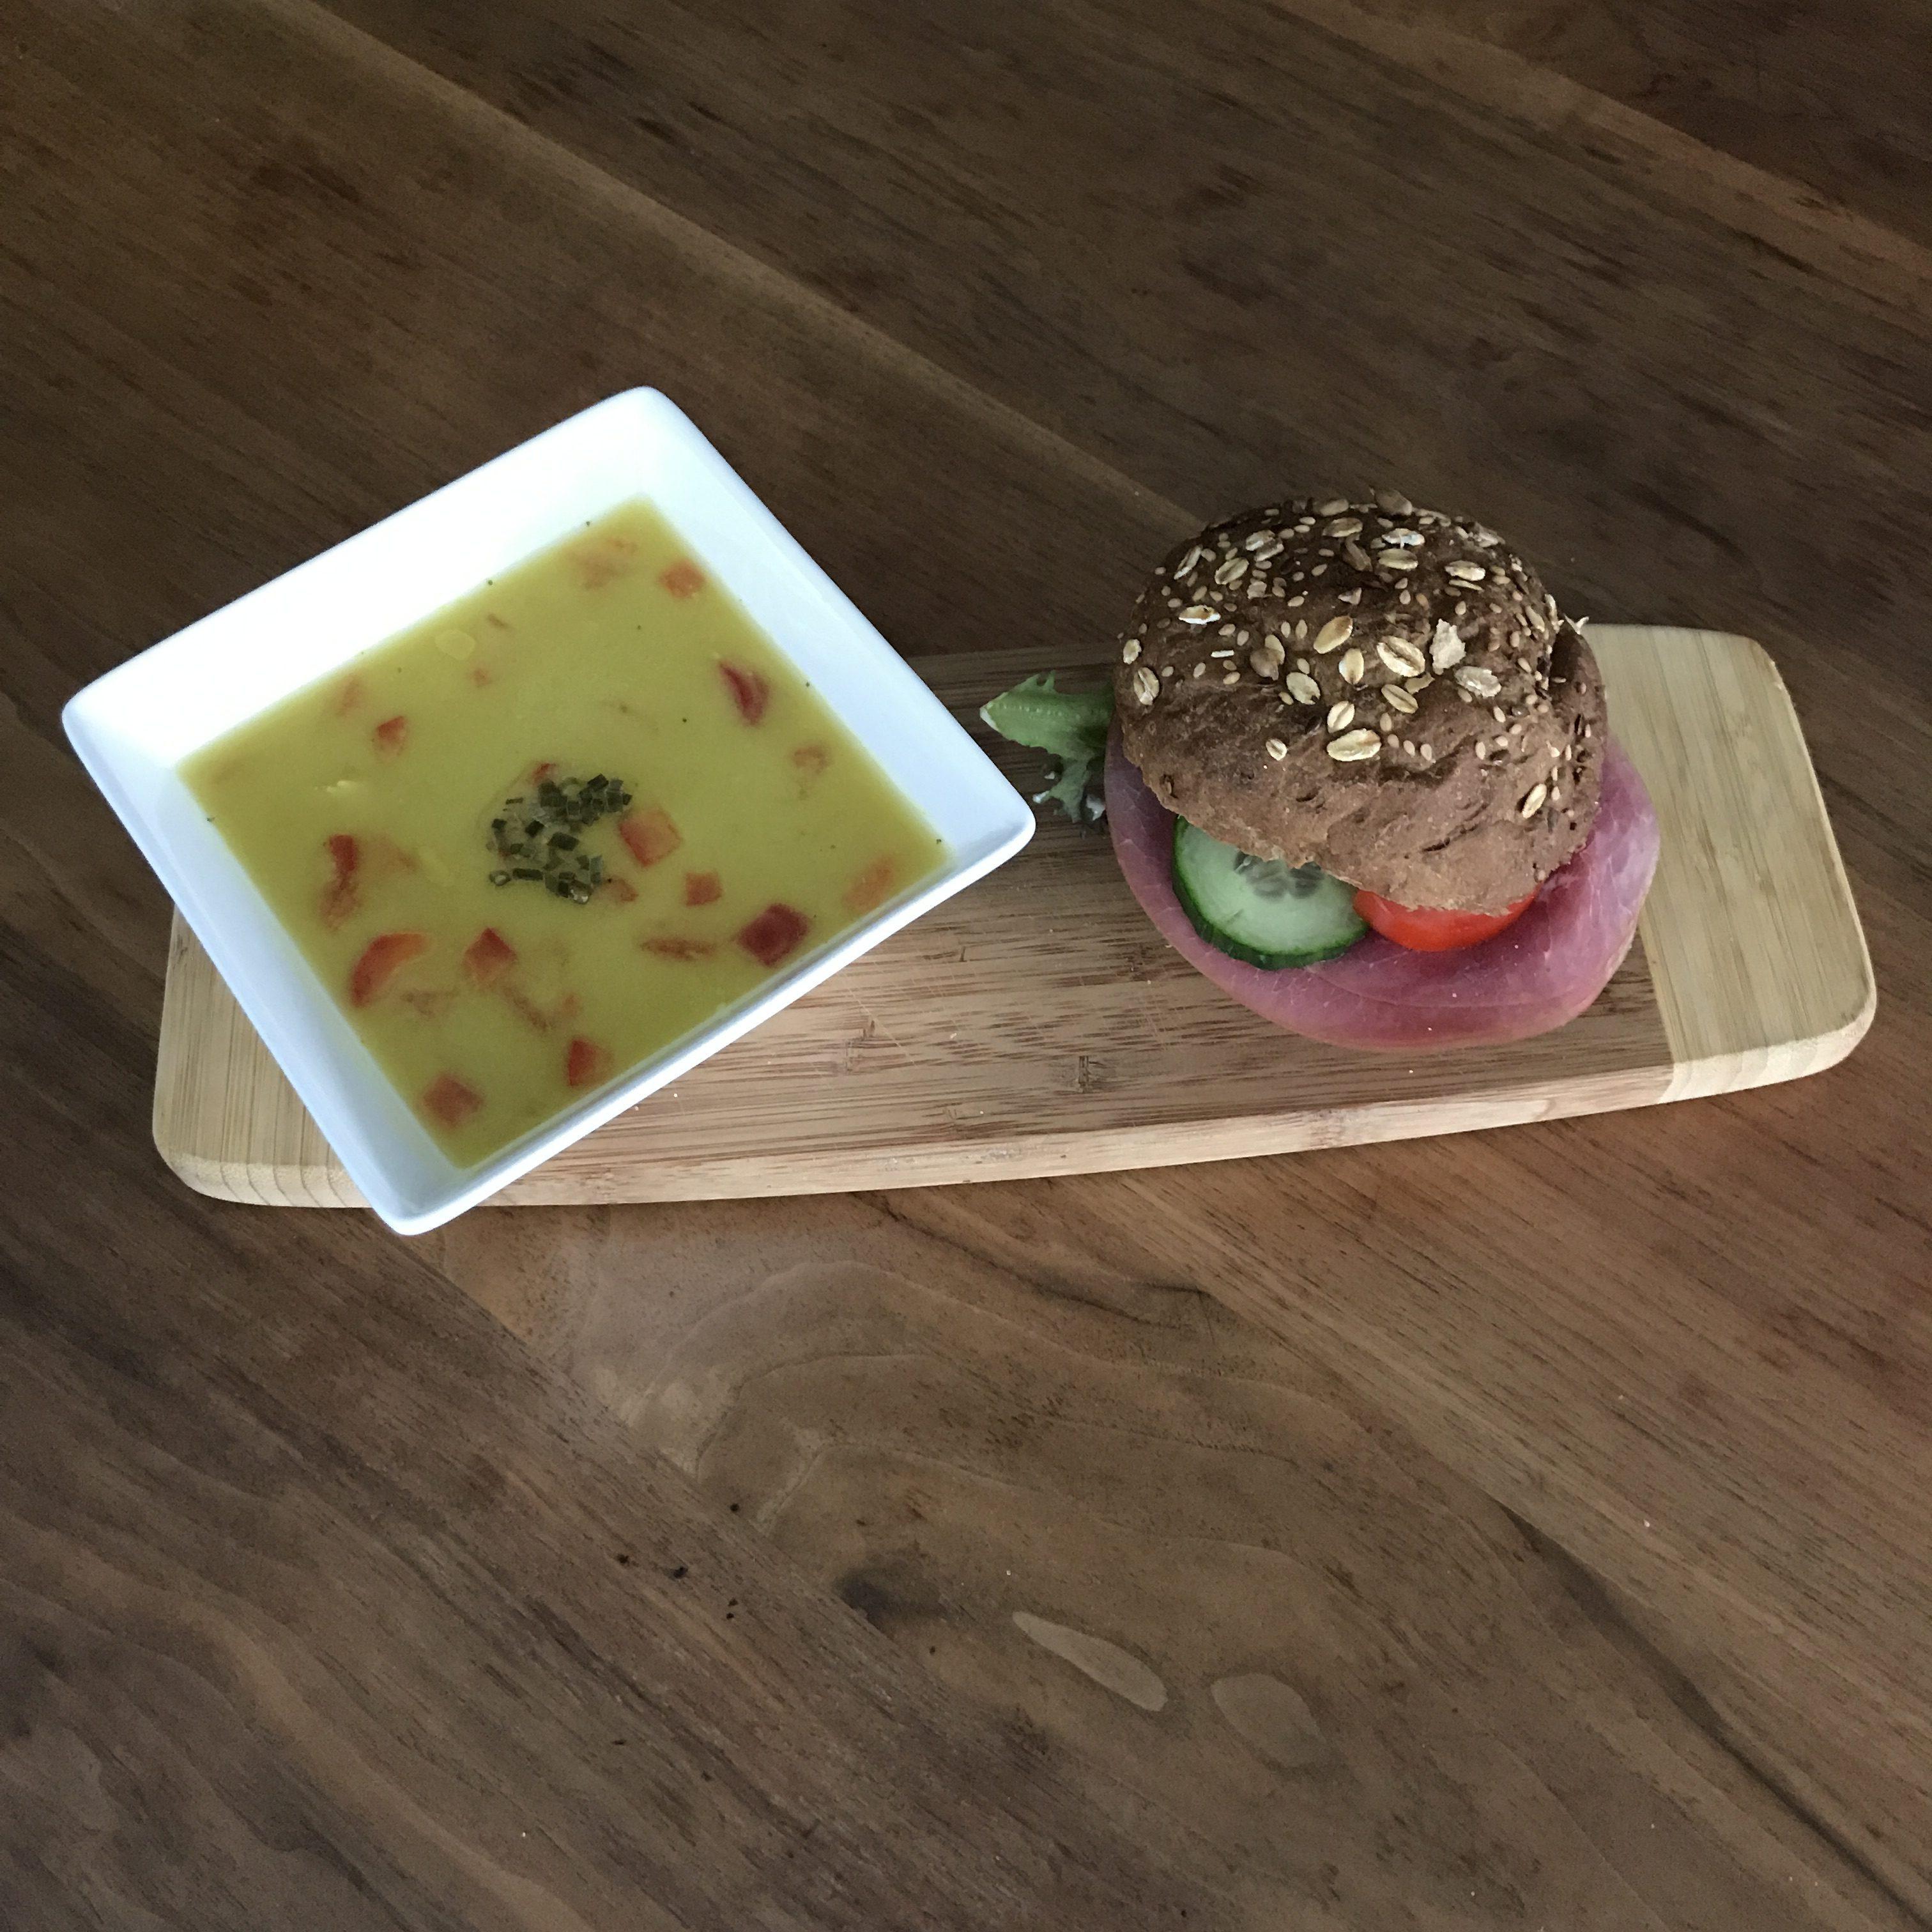 Soep en een broodje van Weidevol